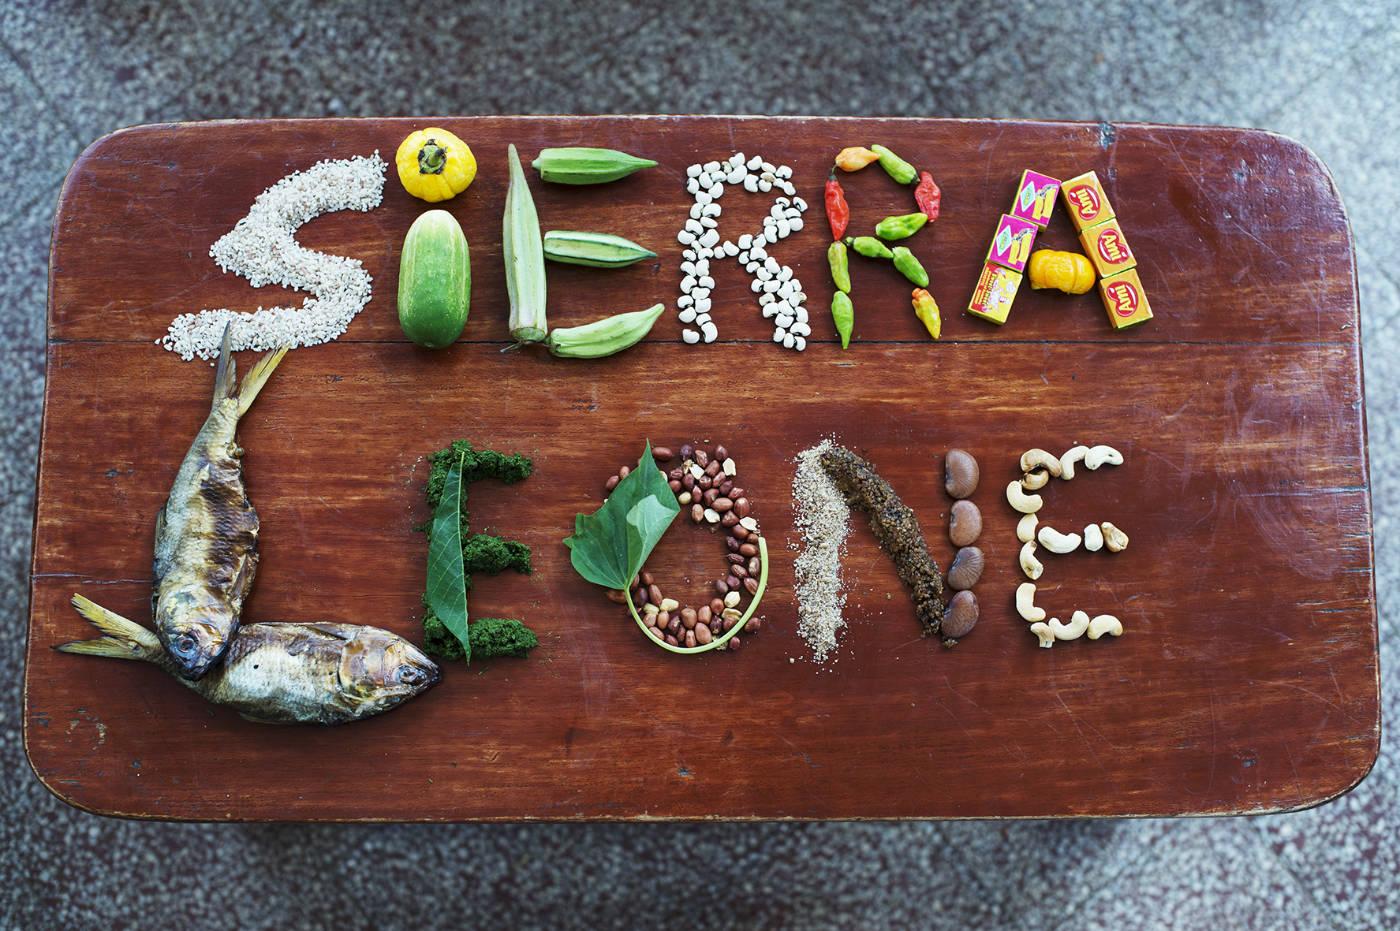 Essen in Sierra Leone. Afrikanische Zutaten für das Afrika Kochbuch Eating with Africa